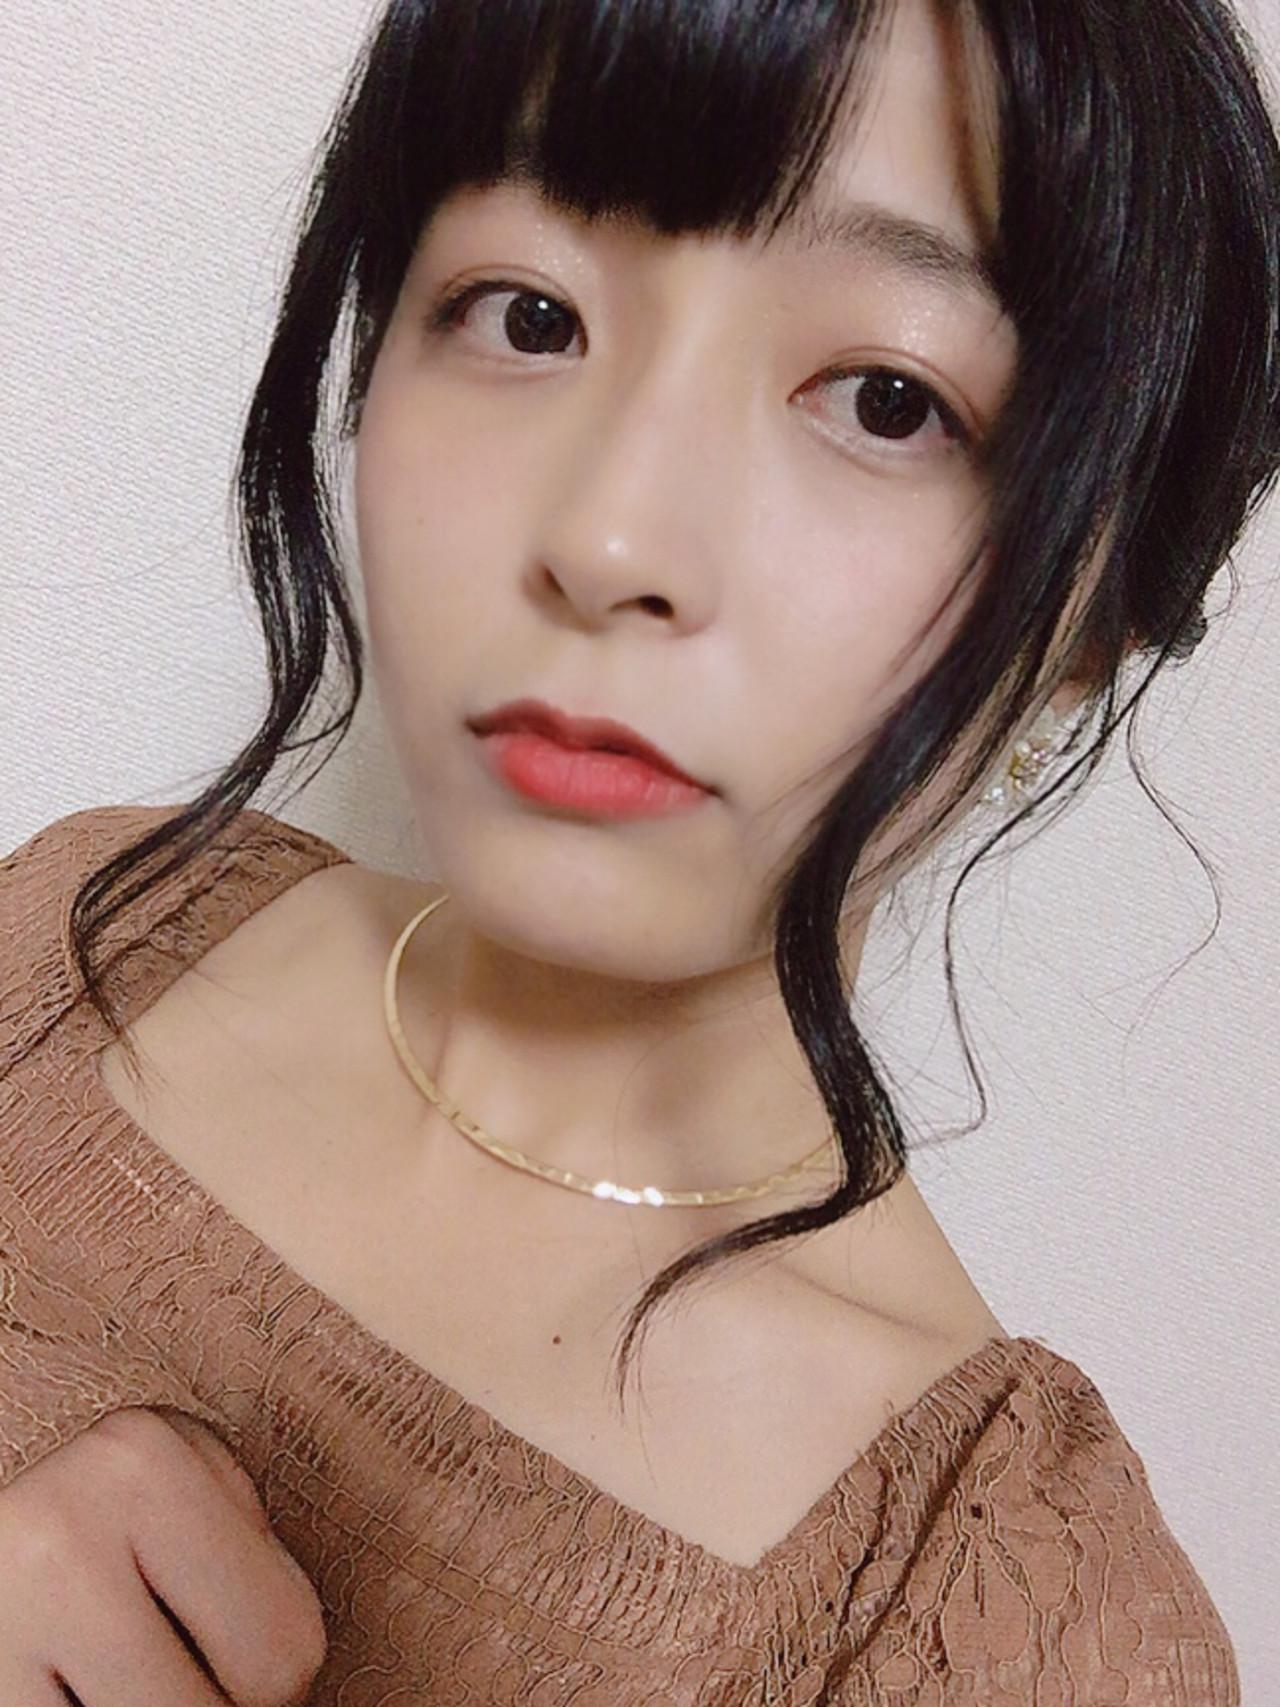 ミディアム パーティ フェミニン ヘアアレンジ ヘアスタイルや髪型の写真・画像   KYOKO /